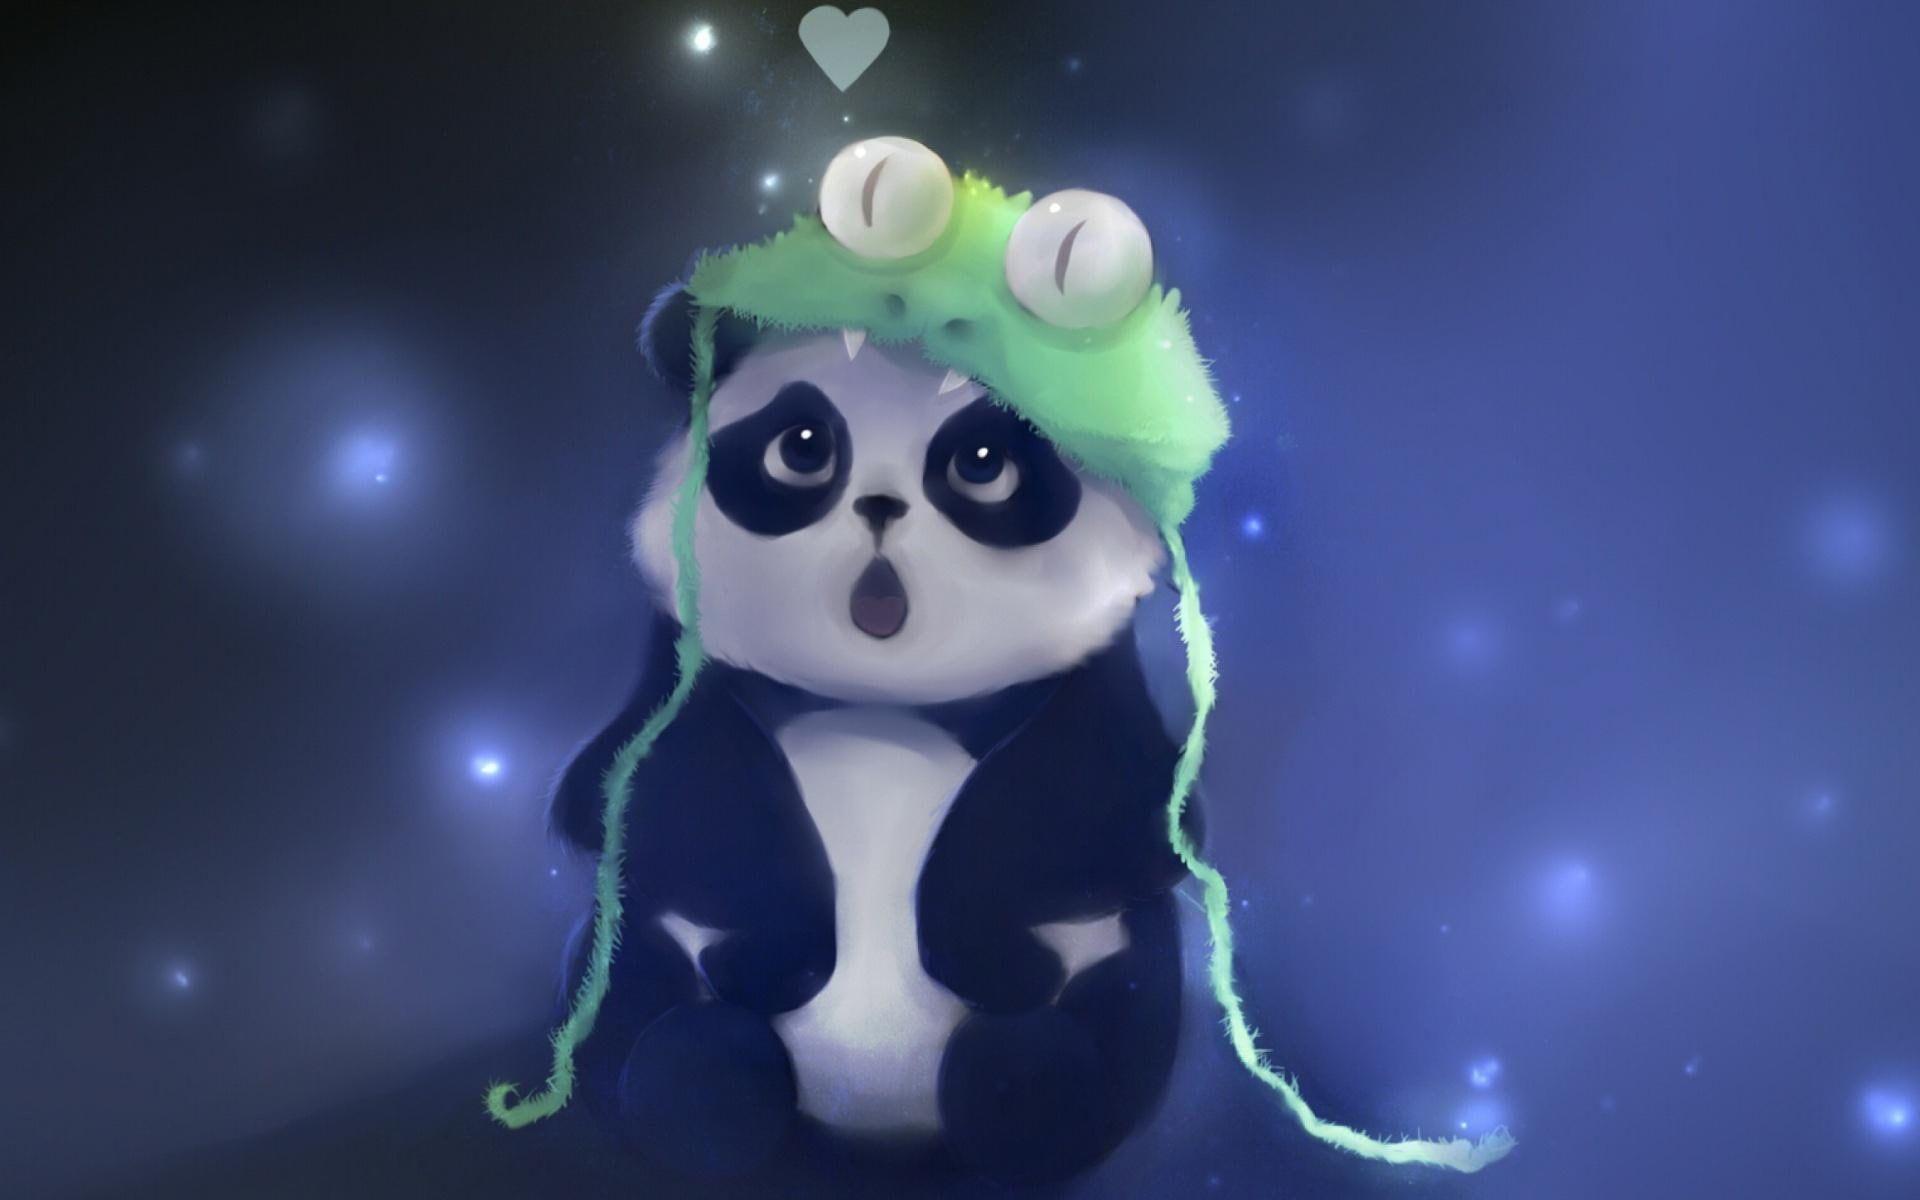 Baby Panda Panda Wearing Green Alligator Knit Cap Illustration Baby Panda 1080p Wallpaper Hdwa Cute Panda Wallpaper Cartoon Wallpaper Hd Panda Wallpapers